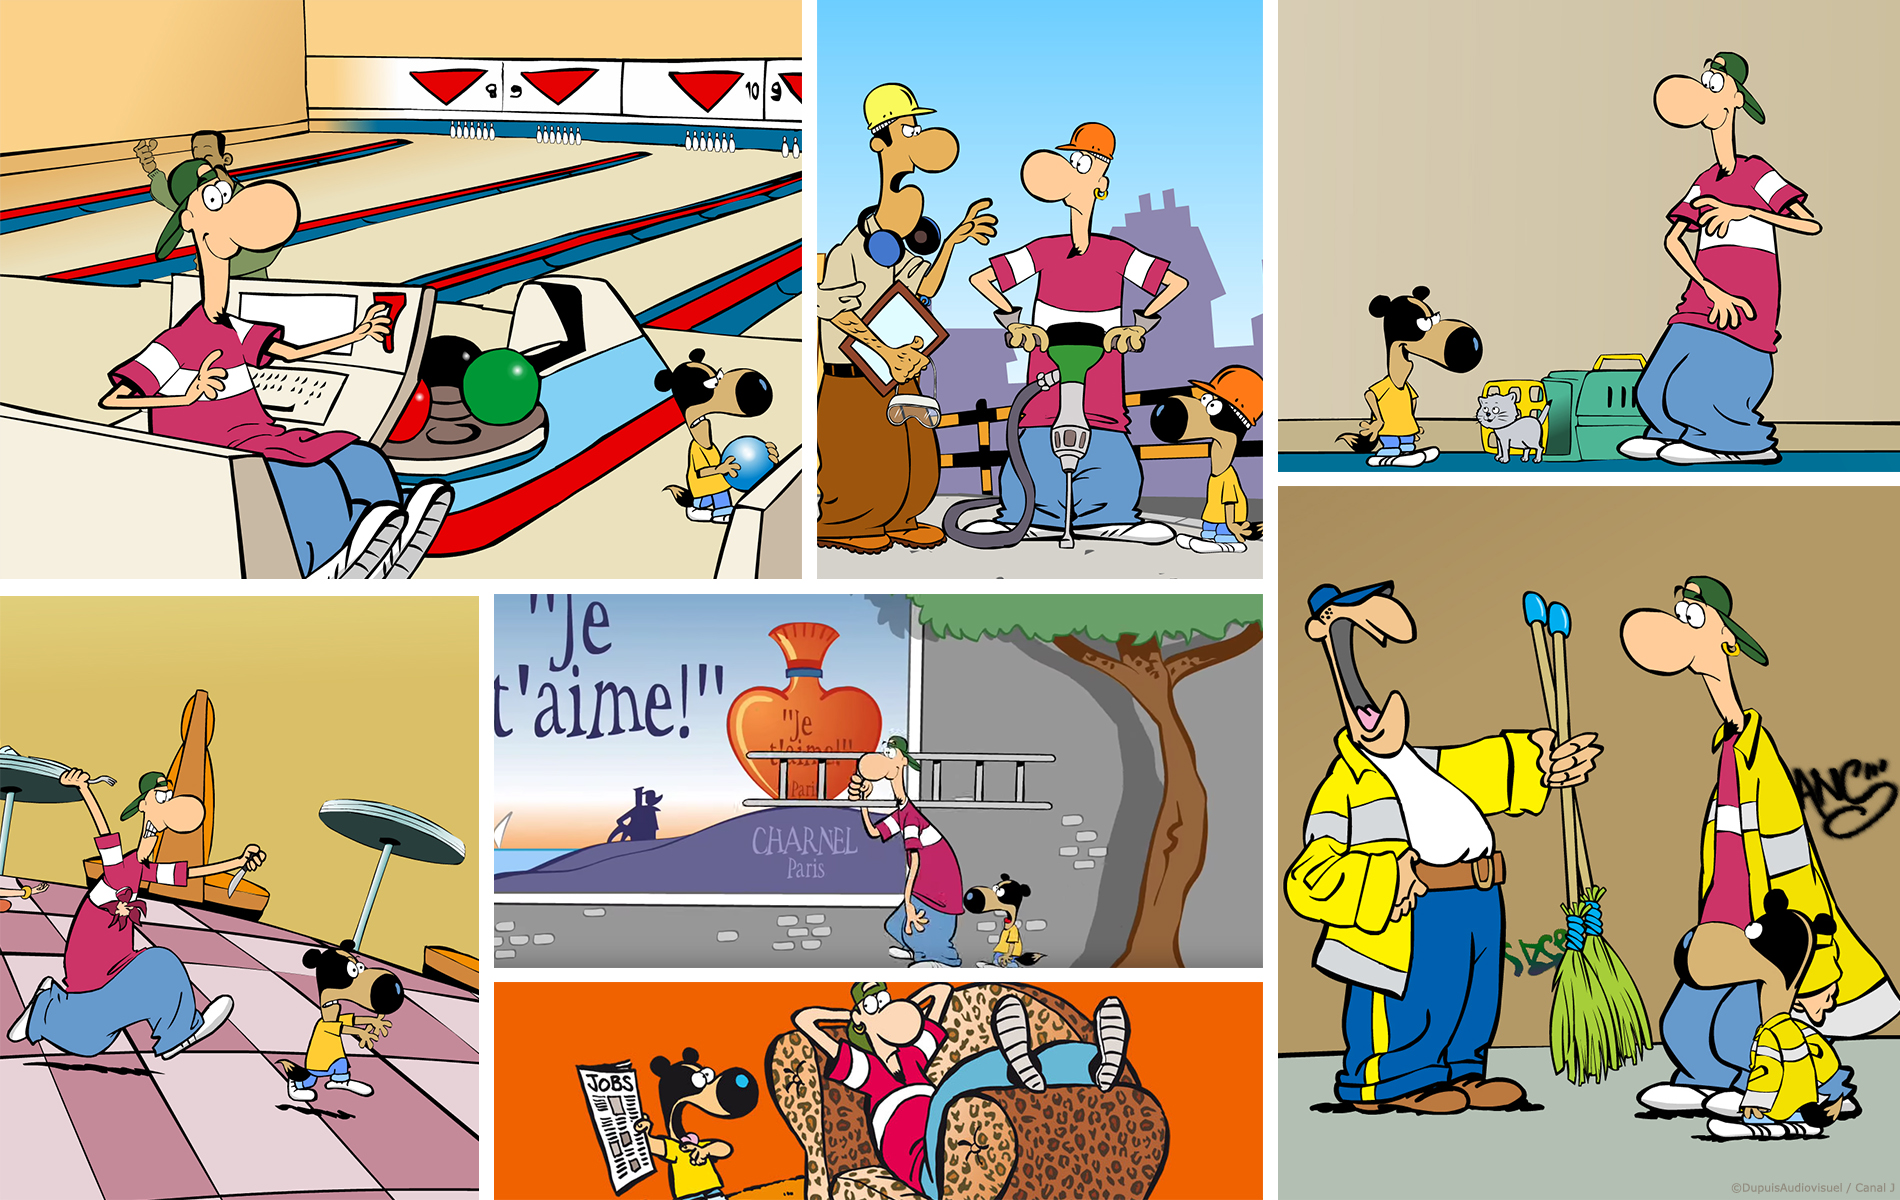 Parker & Badger - Série animée 2D - Diffuseur CANAL J - Studio 2 minutes